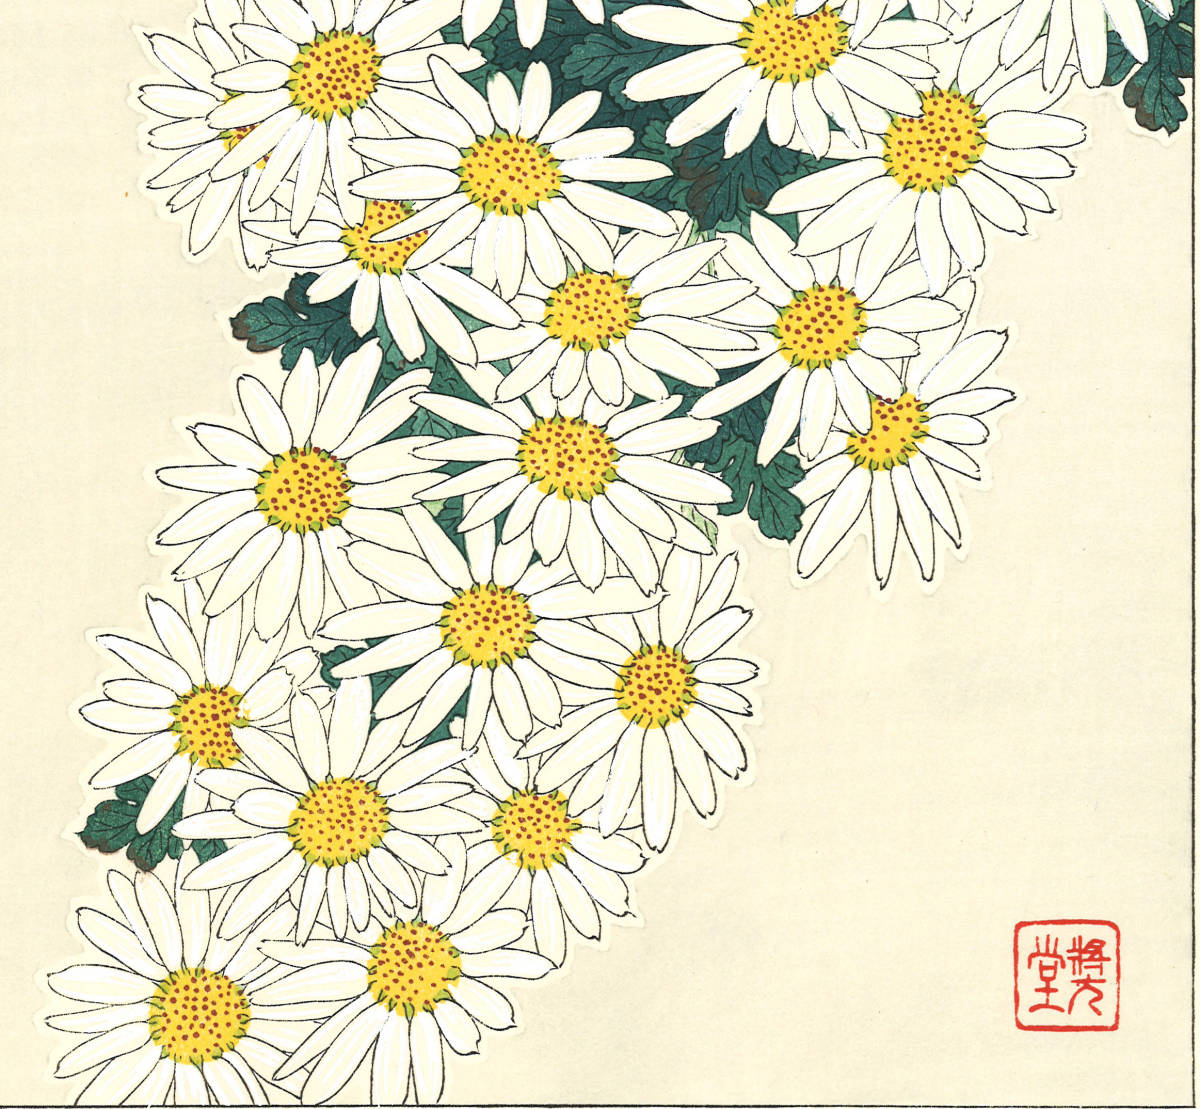 河原崎奨堂 (Kawarazaki Shodo) (1899~1973)木版画 F037 菊 花版画(Chrysanthemum)初版昭和初期~京都の一流の摺師の技をご堪能下さい。_画像10